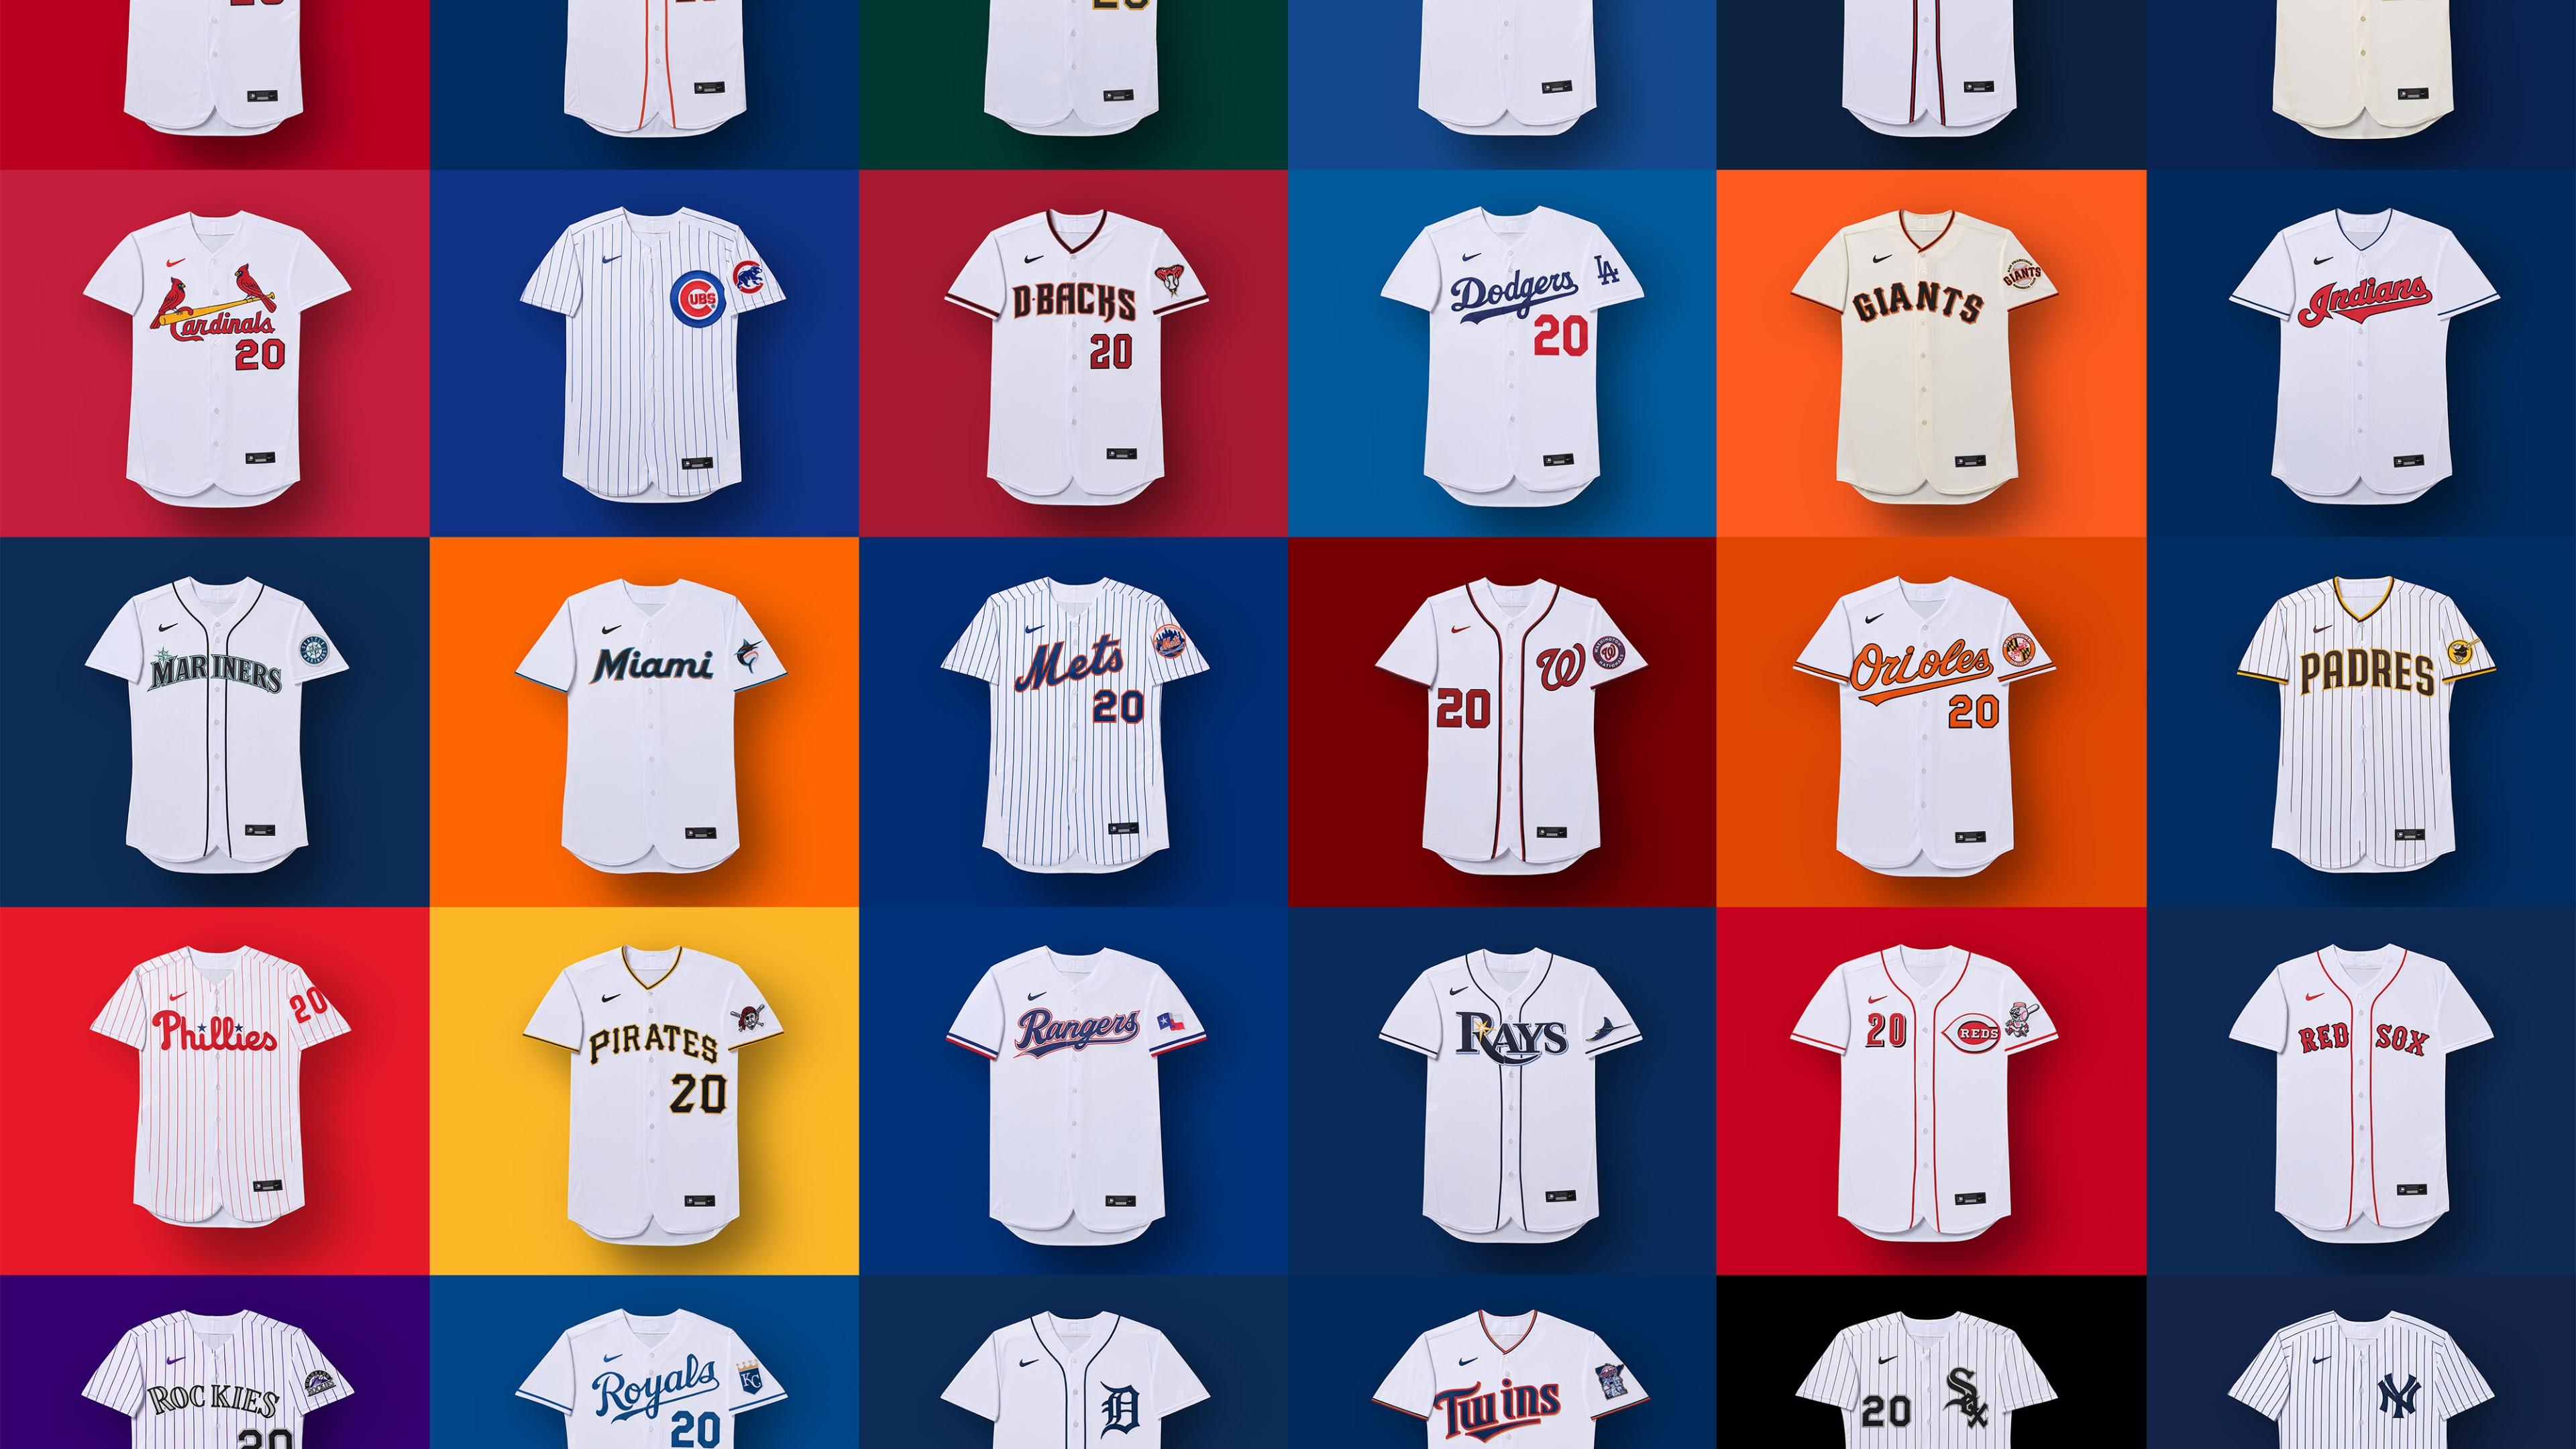 all jerseys